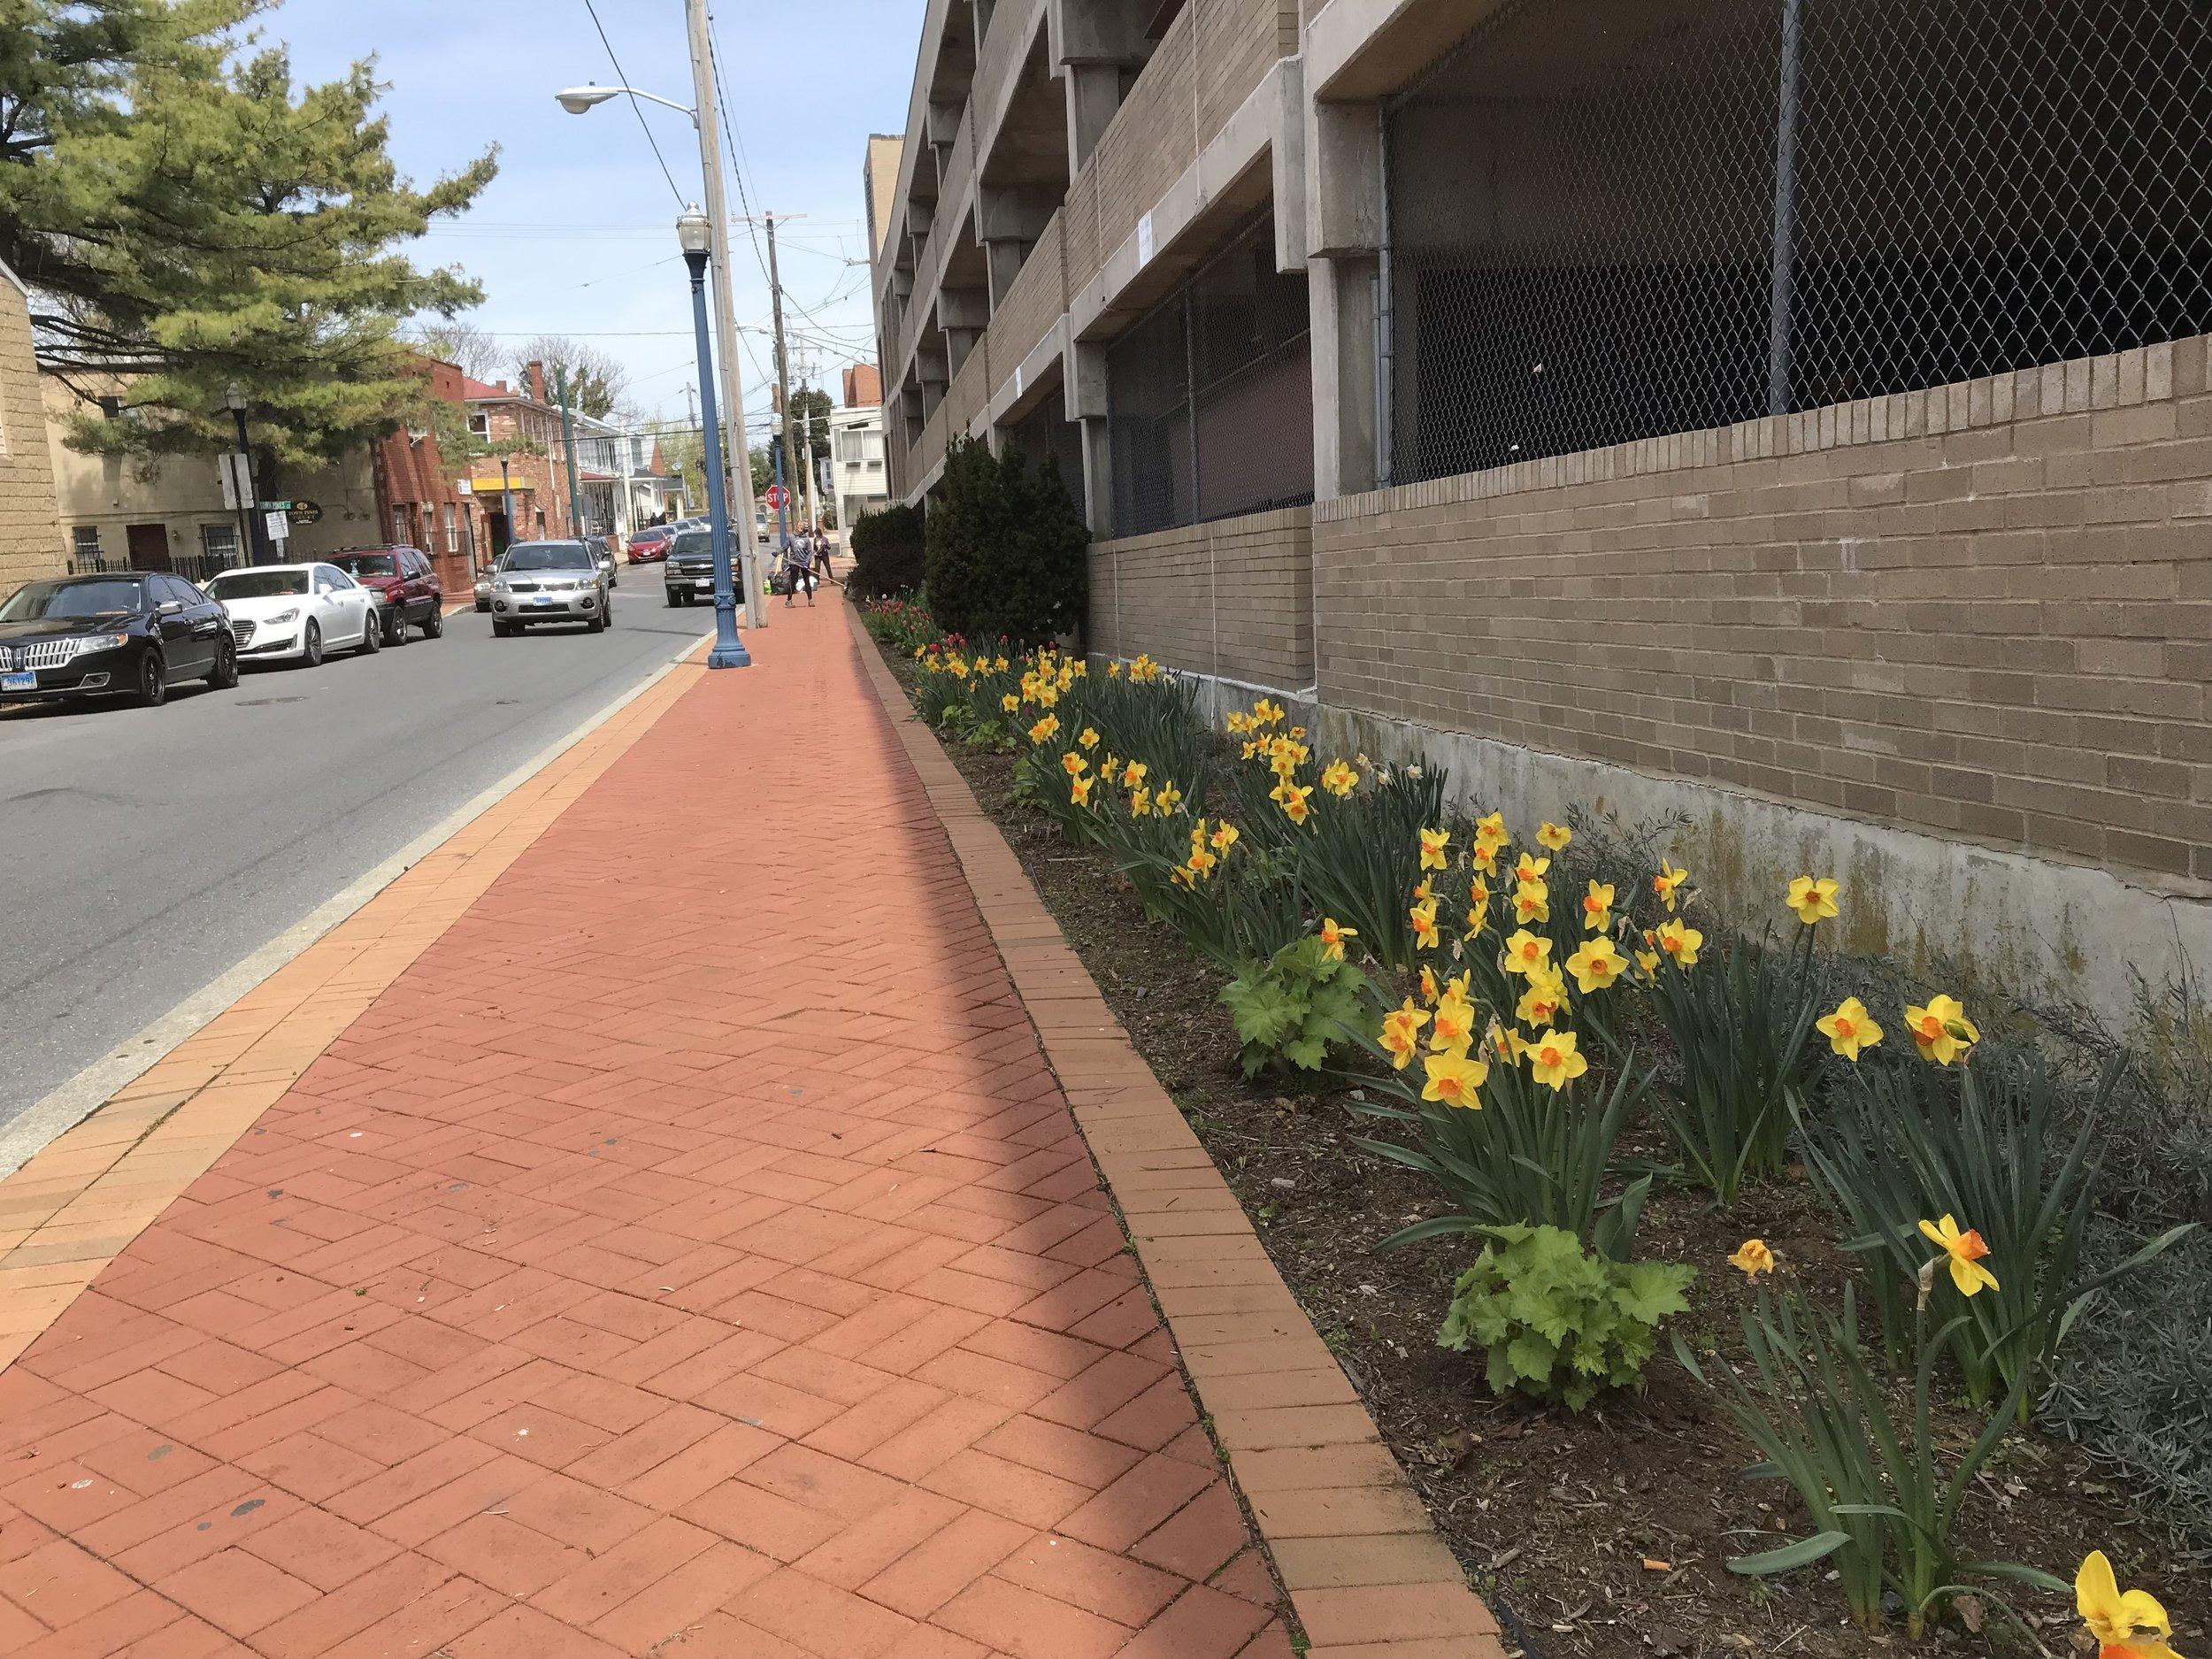 Annapolis Greenscape April 2018